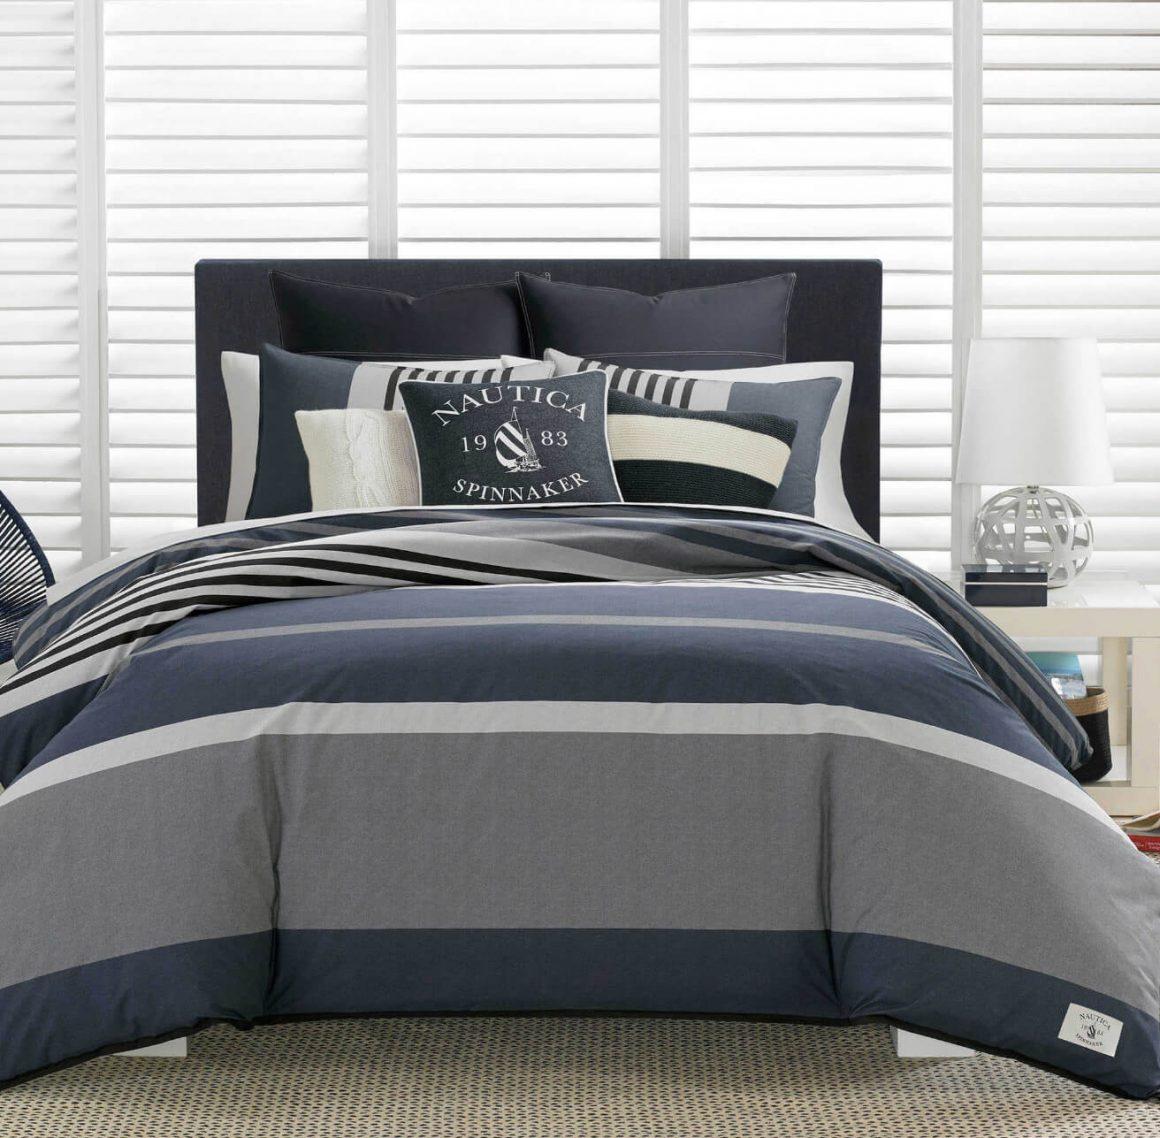 cama com mix de estampas nauticas